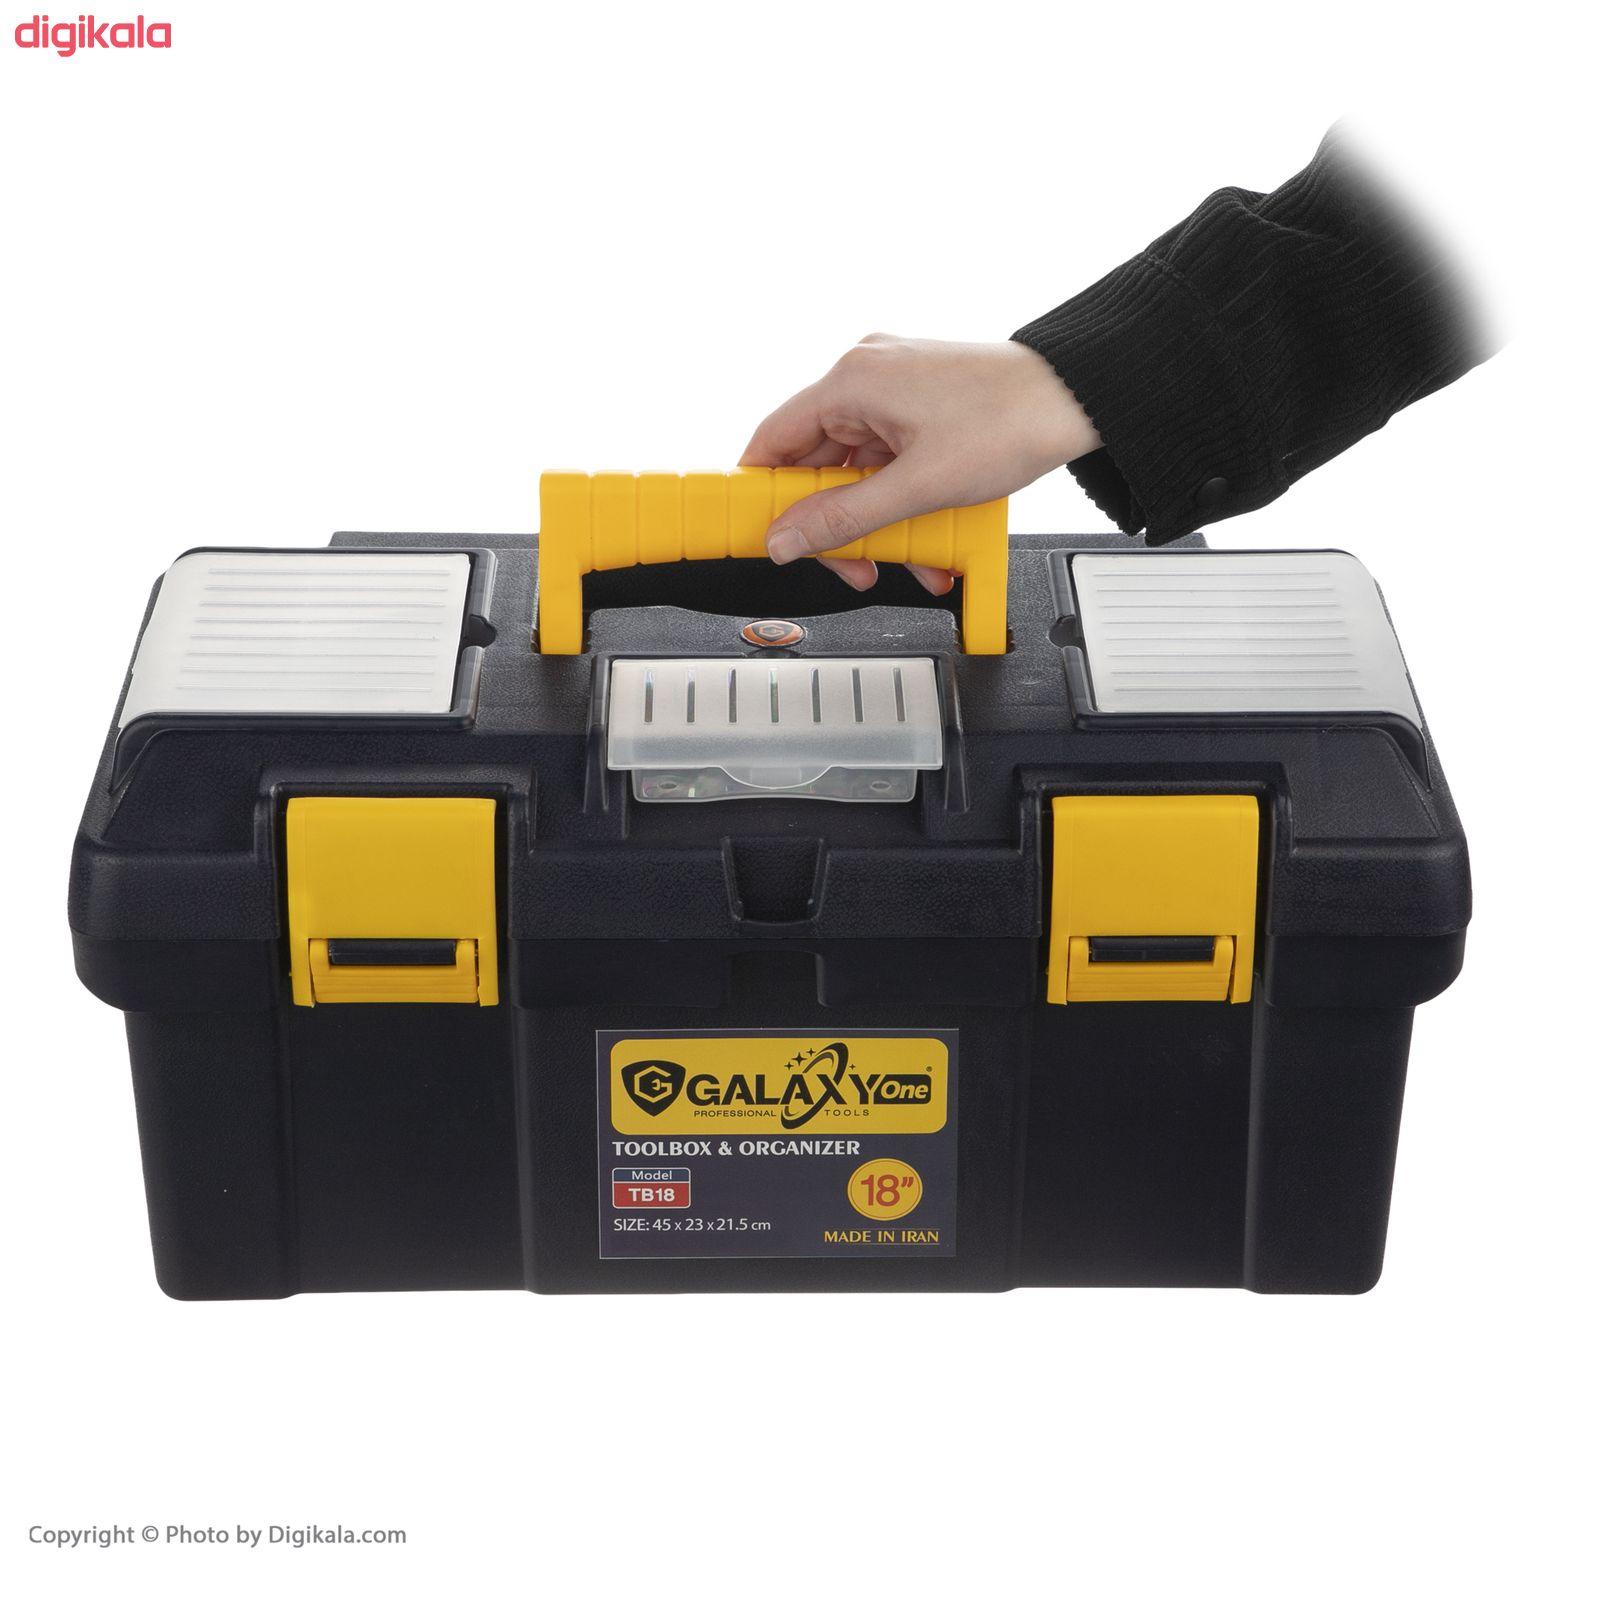 جعبه ابزار گلکسی وان مدل TB18 main 1 4